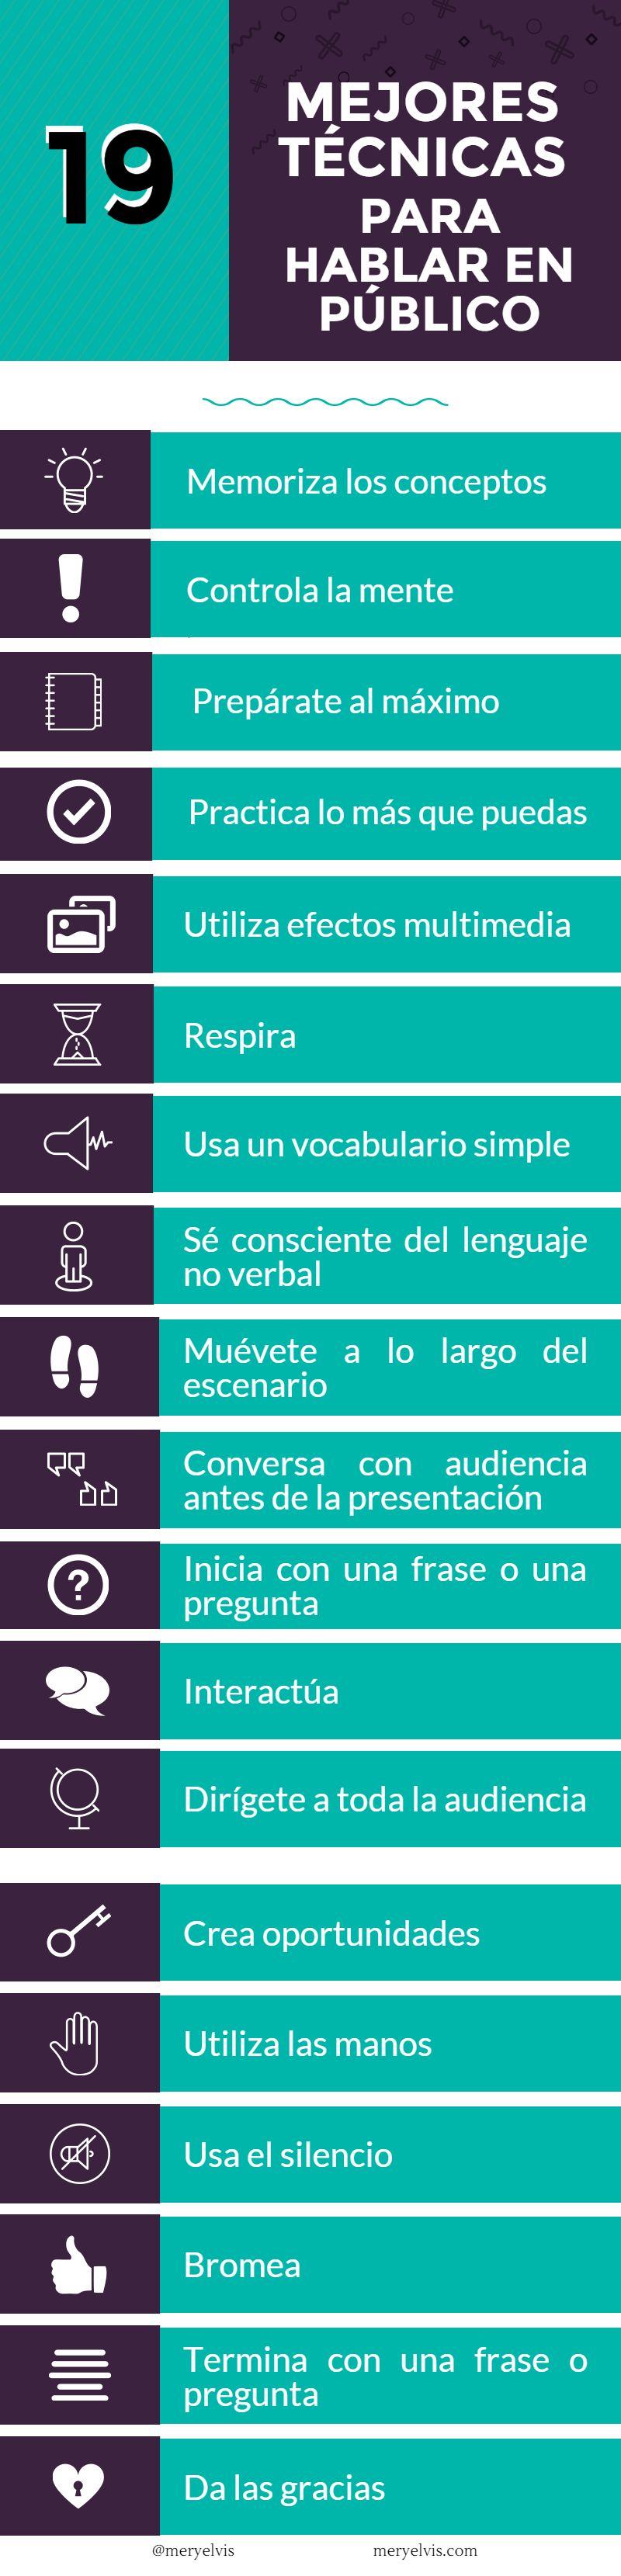 Tecnicas para Hablar en Publico2 19 buenas técnicas para hablar en público (infografía)